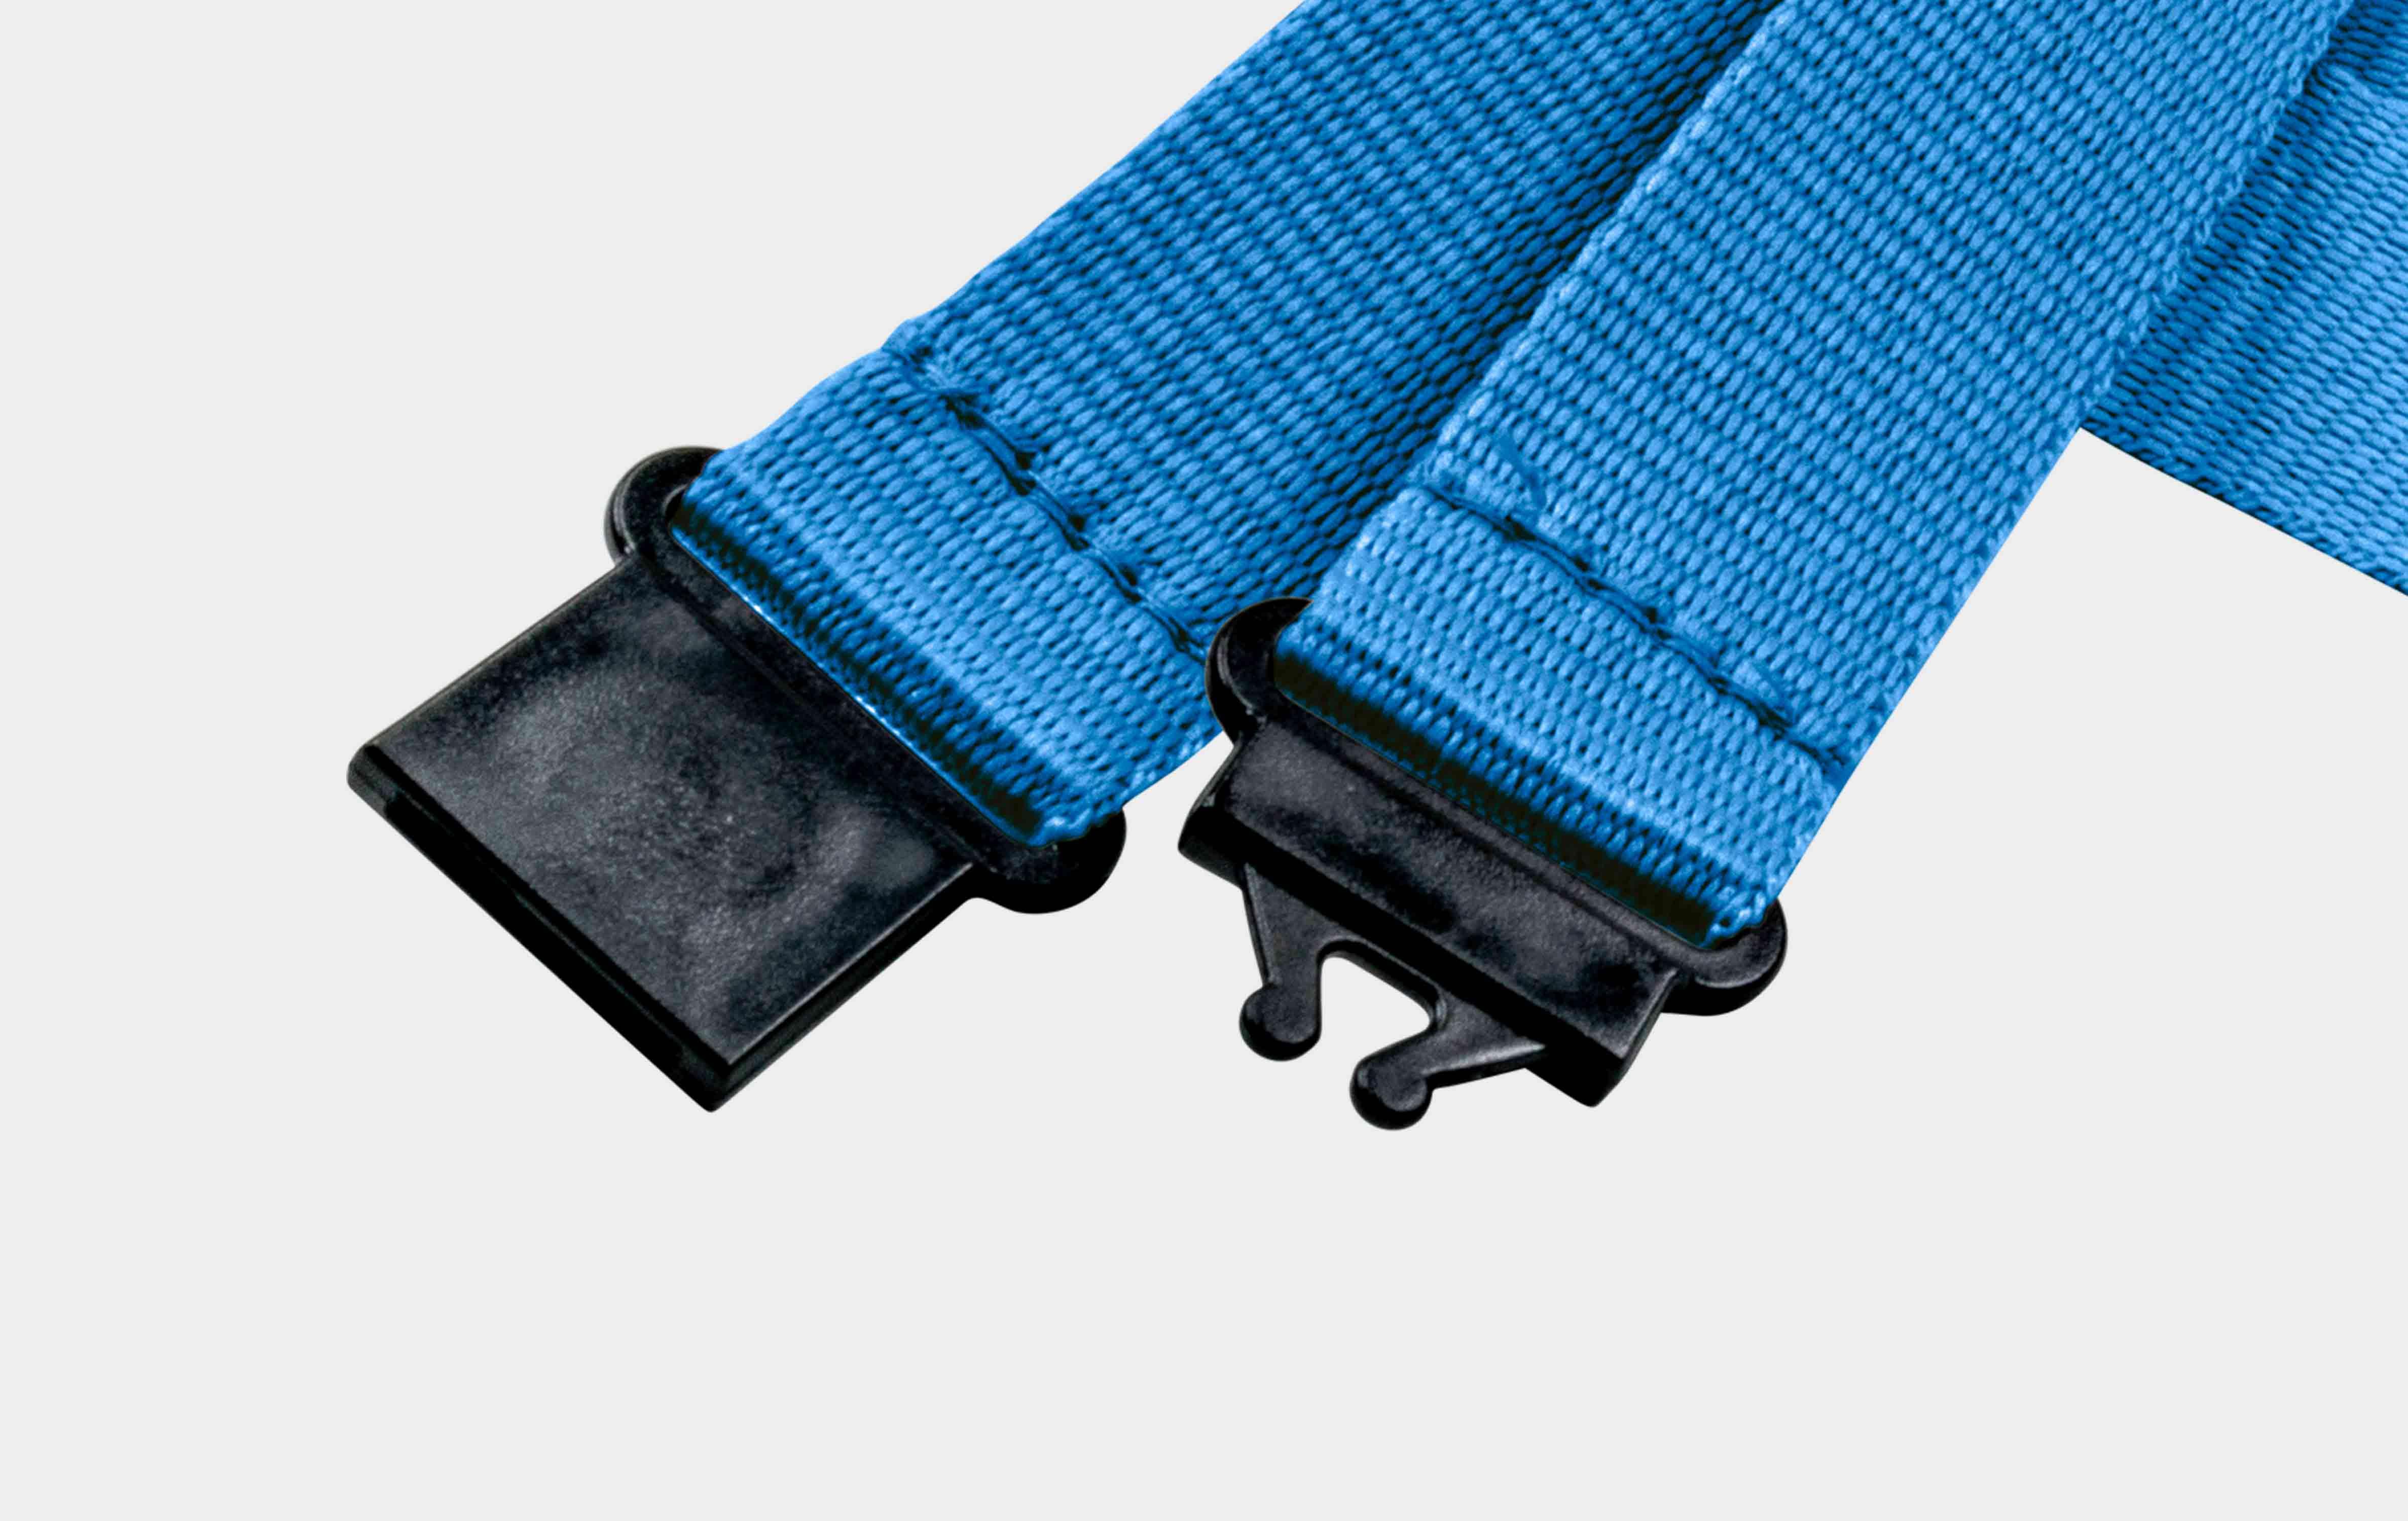 10 Stück Schlüsselbänder 20 mm, easy going Haken, Sicherheitsverschluss, Blau